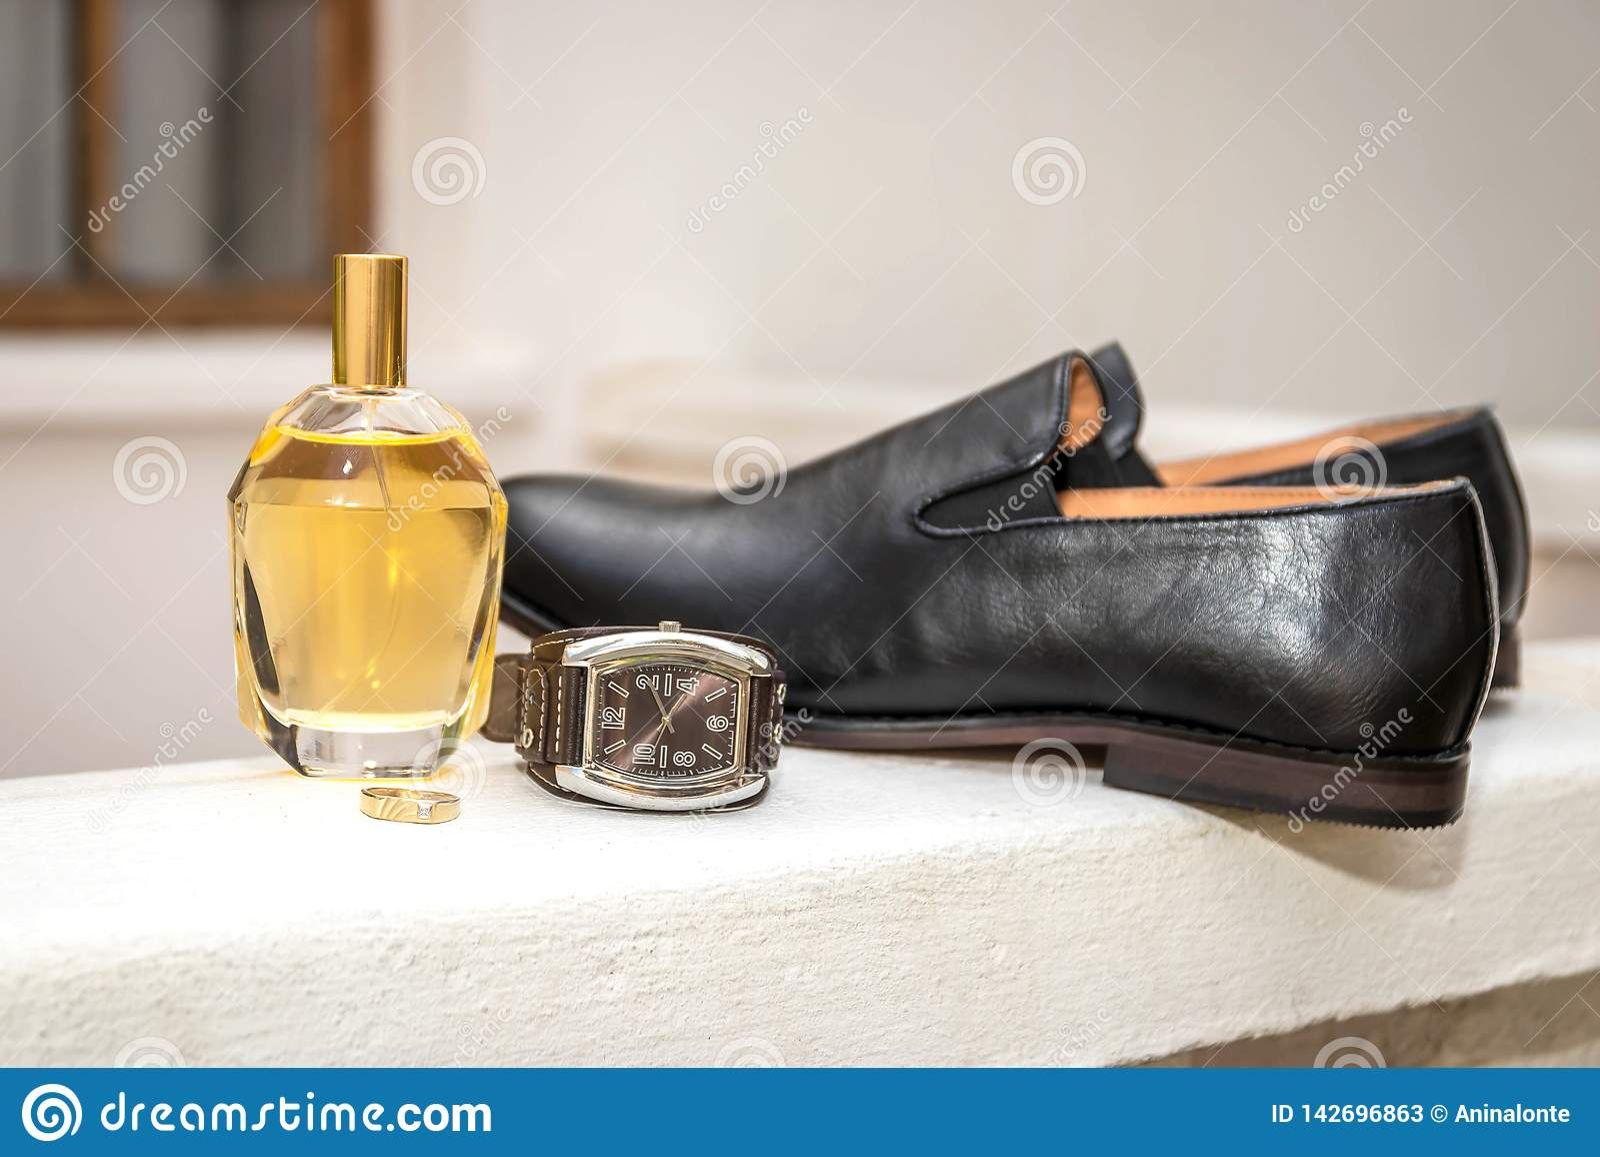 Der Ehering des Bräutigams, Parfüm, Uhr und schwarzer Lederschuh